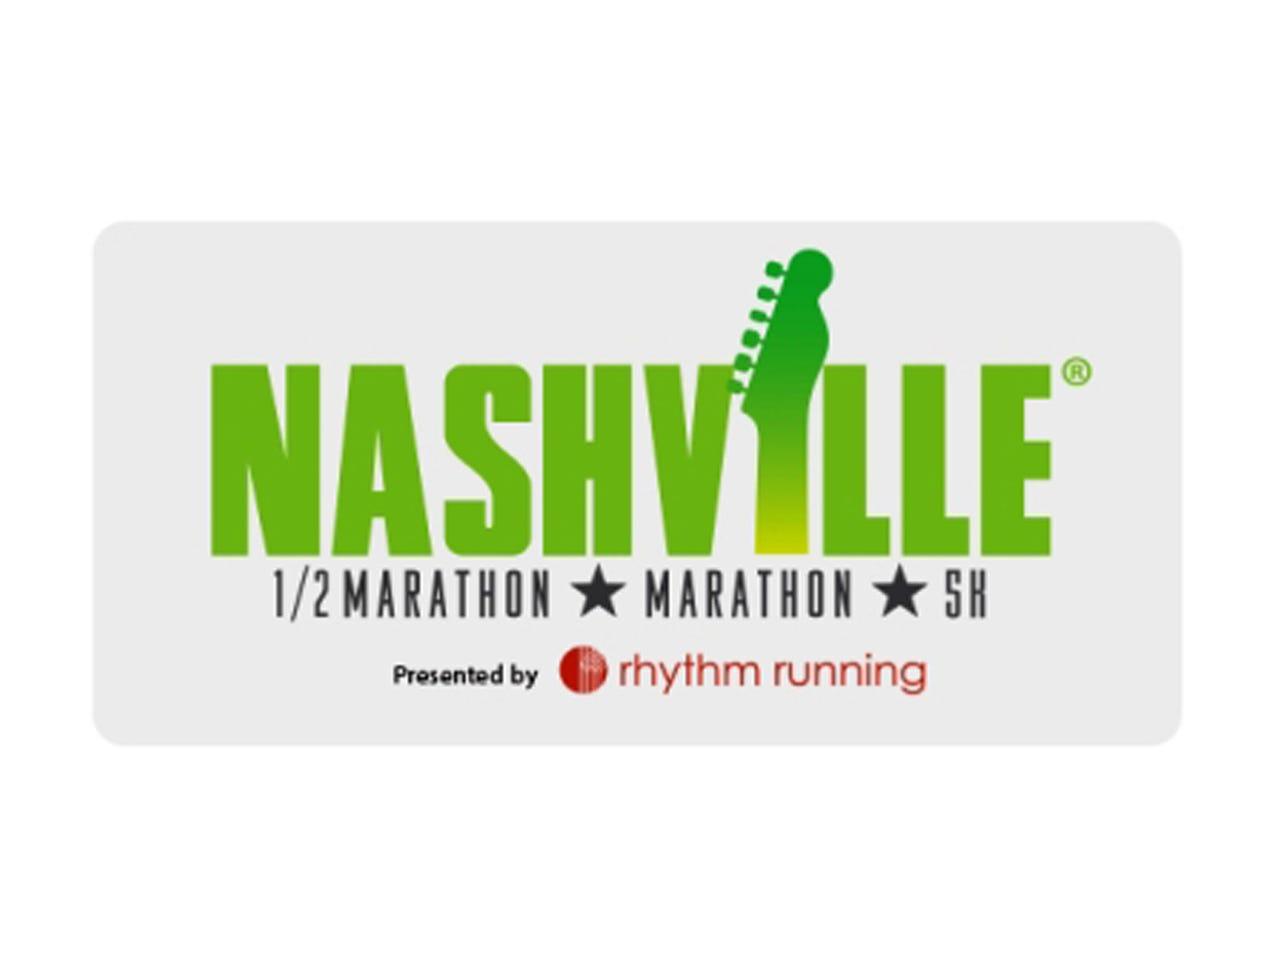 NOV. 10 NASHVILLE HALF MARATHON, MARATHON & 5K: 7 a.m. First Tennessee Park, $55-$110, nashvillehalfmarathon.com